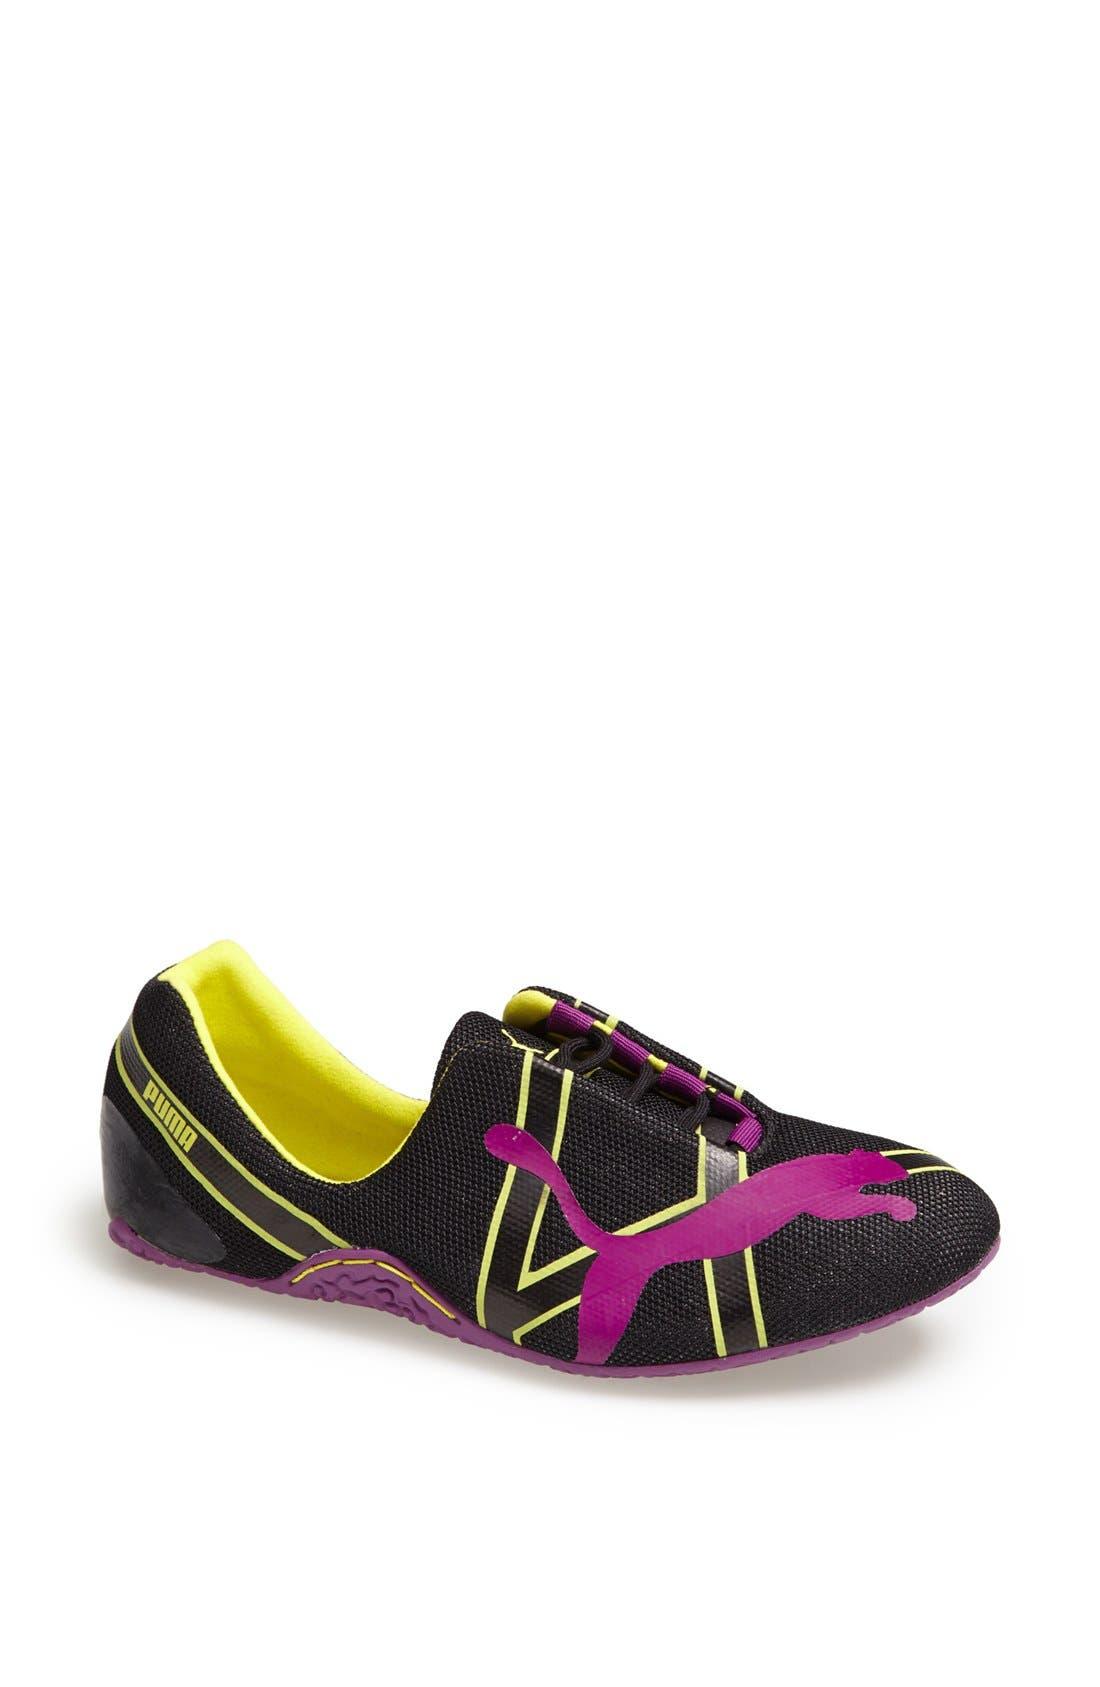 PUMA 'Anaida' Foldable Sneaker, Main, color, 001